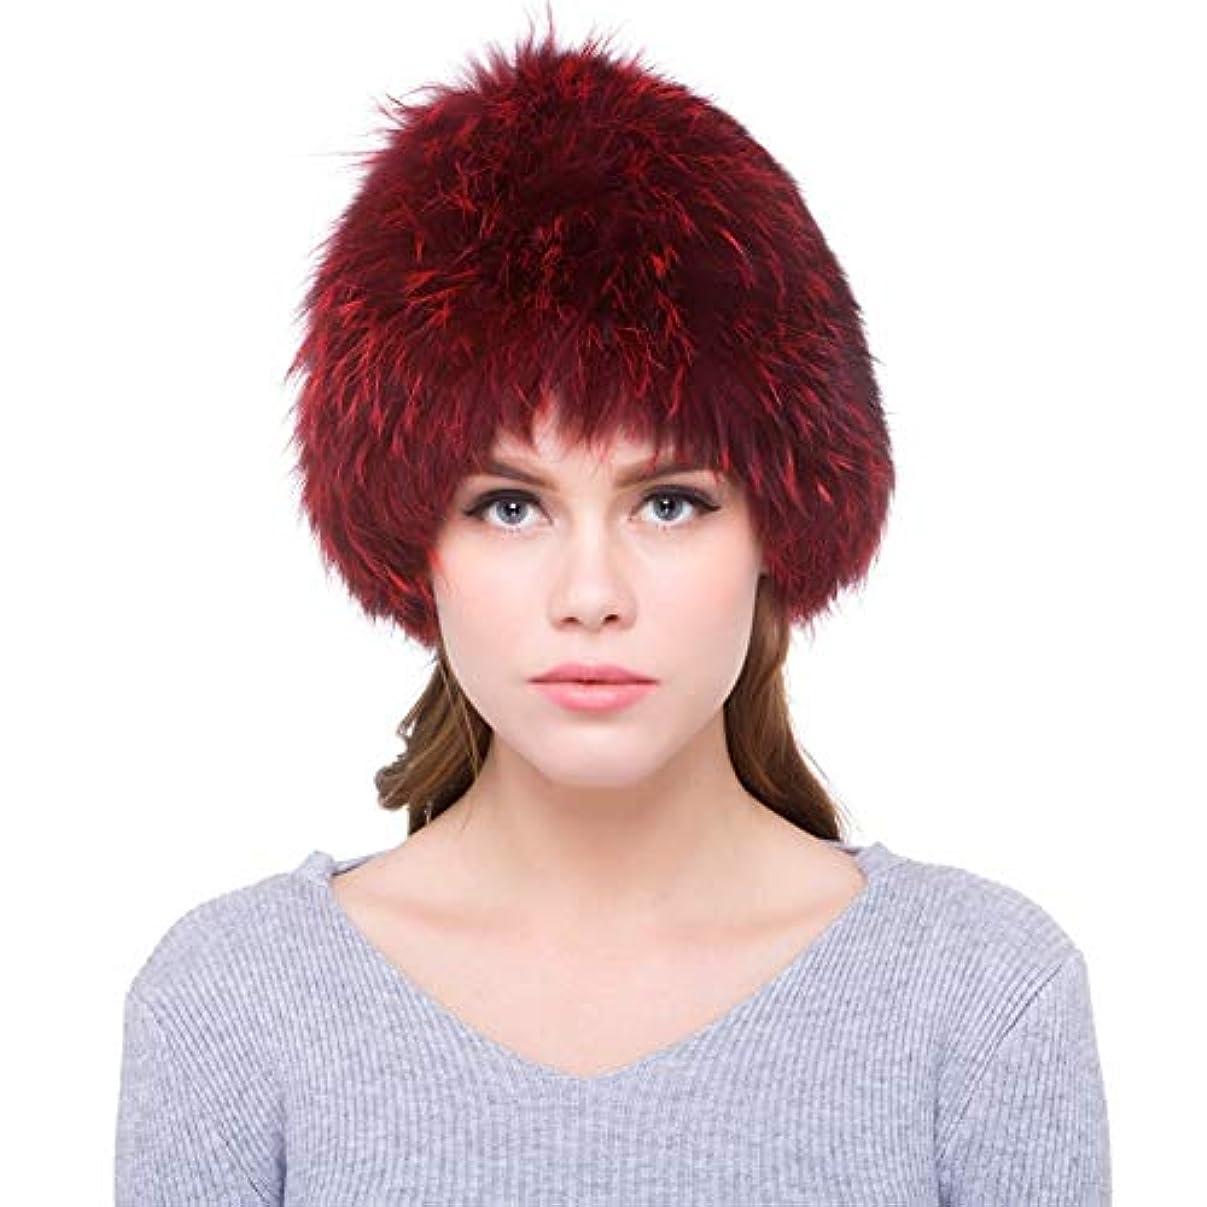 スキーベーコン藤色ACAO ヨーロッパとアメリカのキツネの毛皮の帽子の冬の天候ストリップの女性モデルトレンディな毛皮の帽子 (色 : Red wine, Size : M)